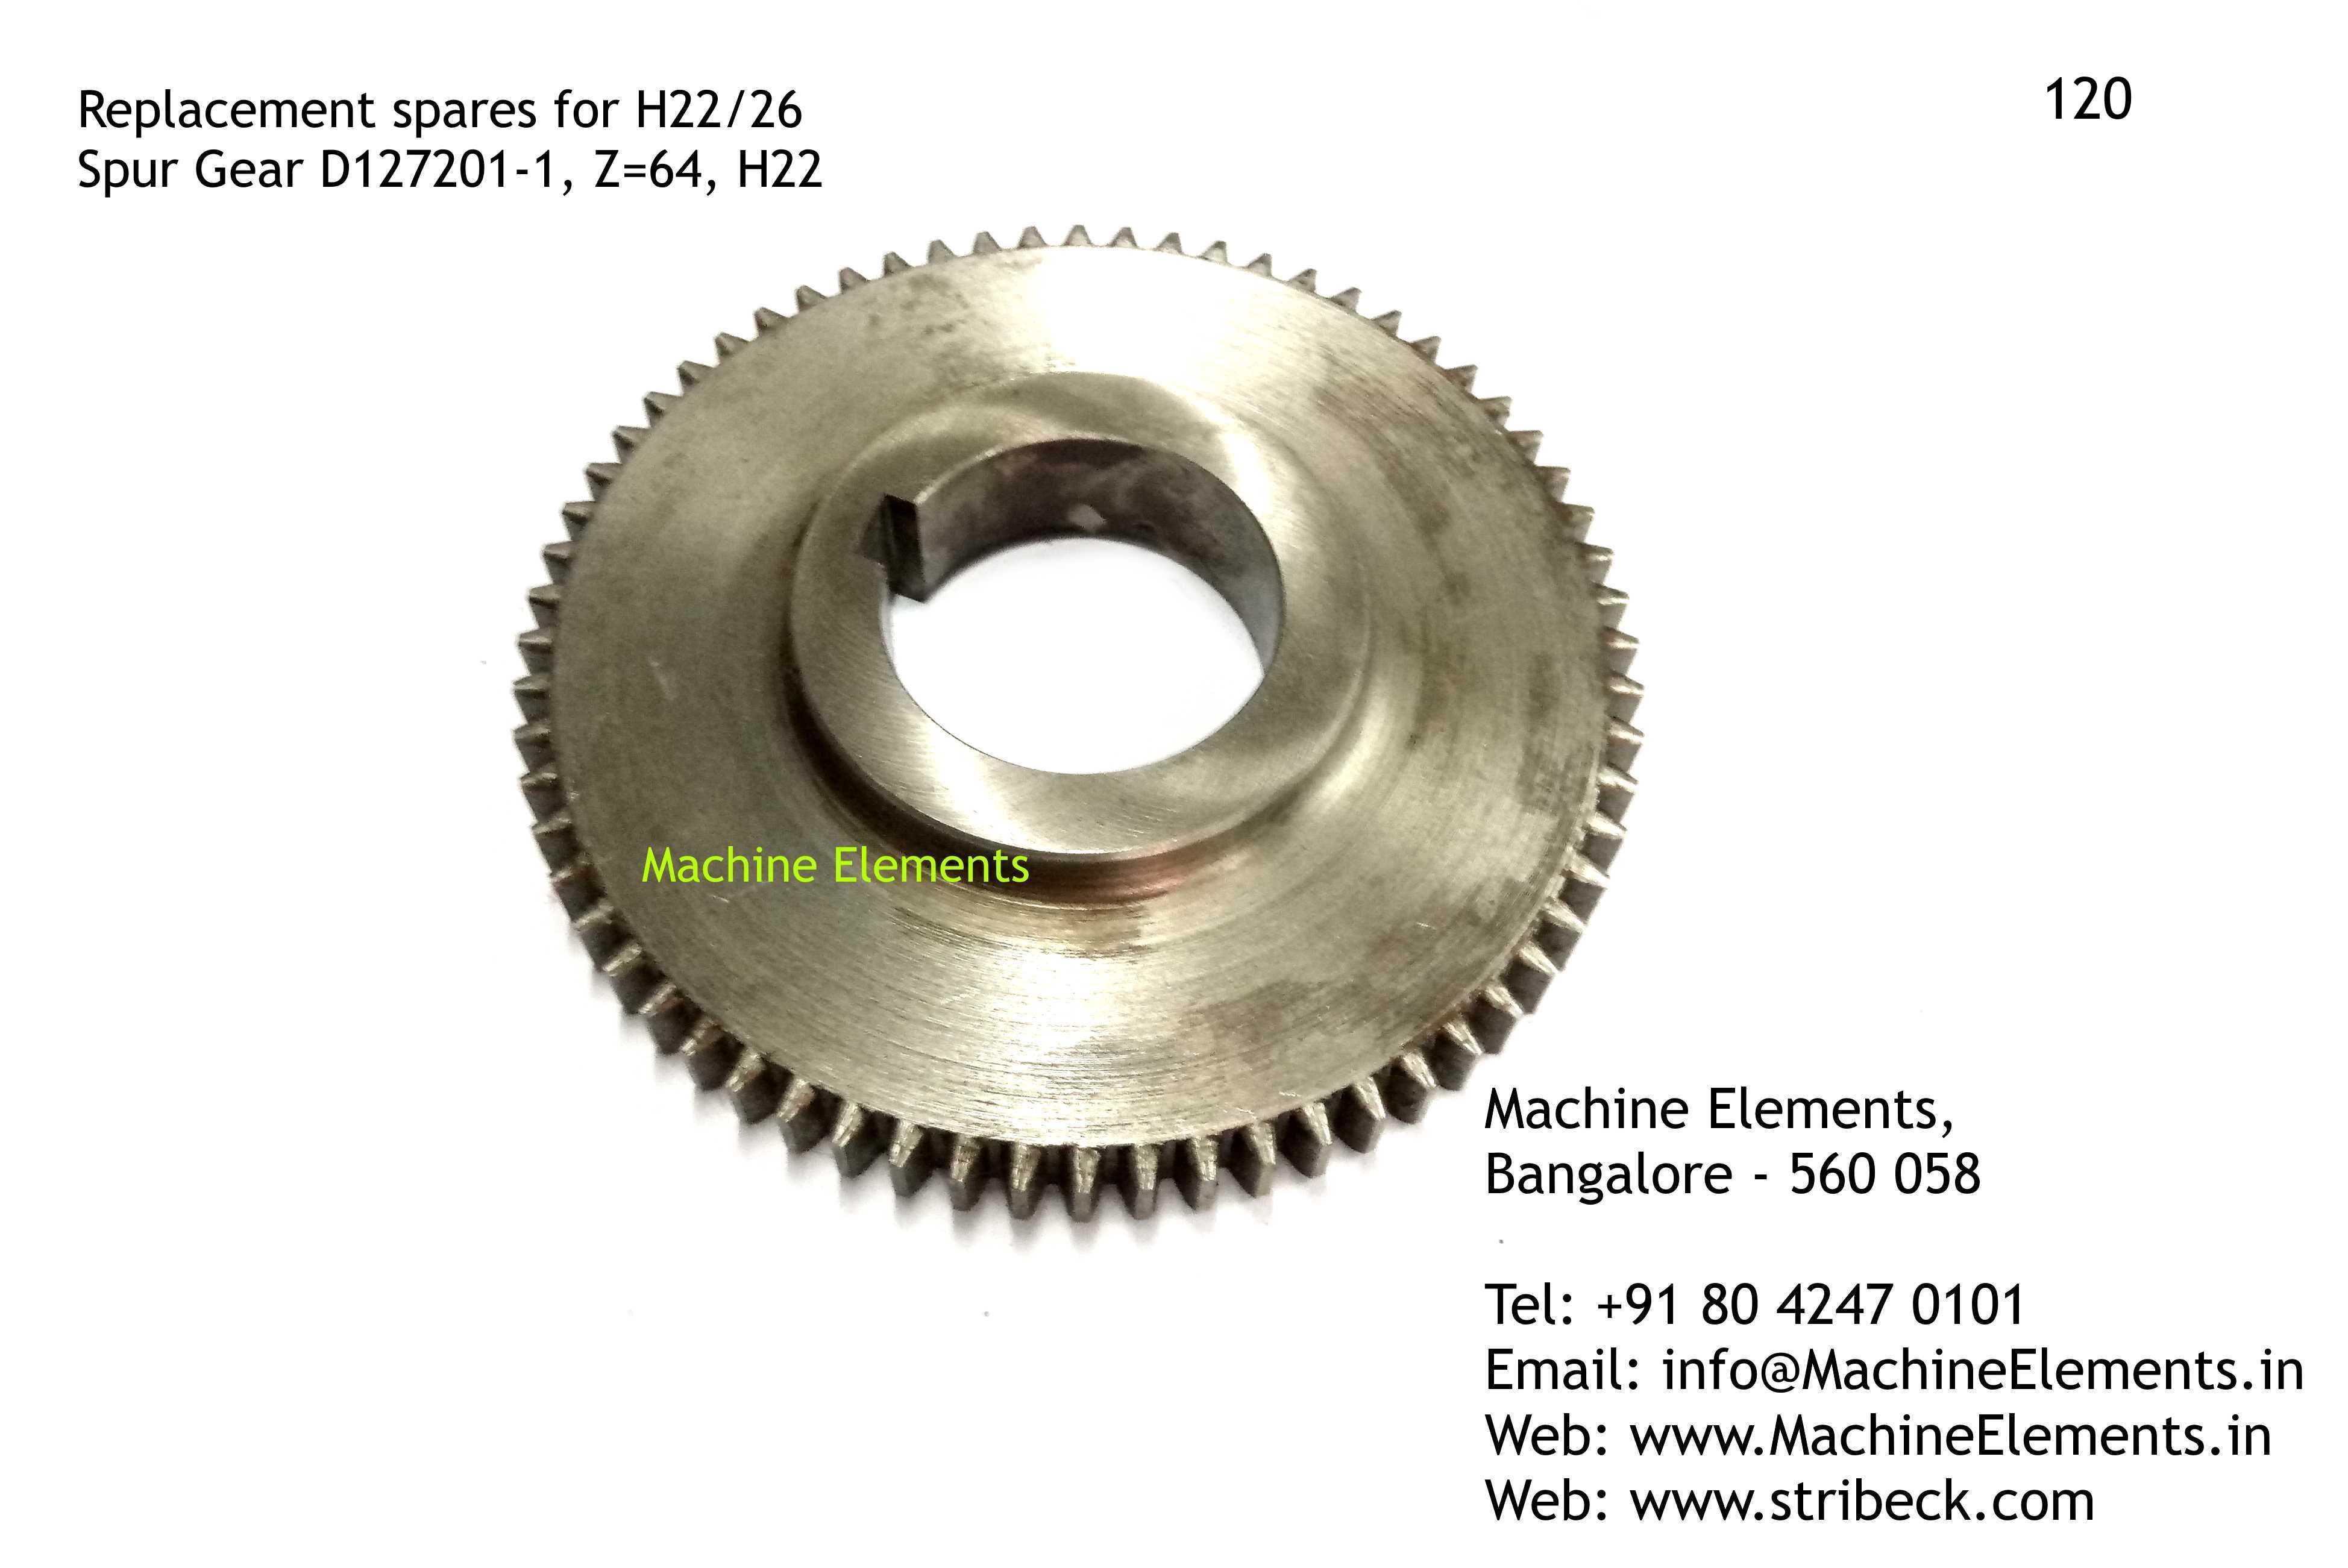 Spur Gear, D127201-1, Z=64